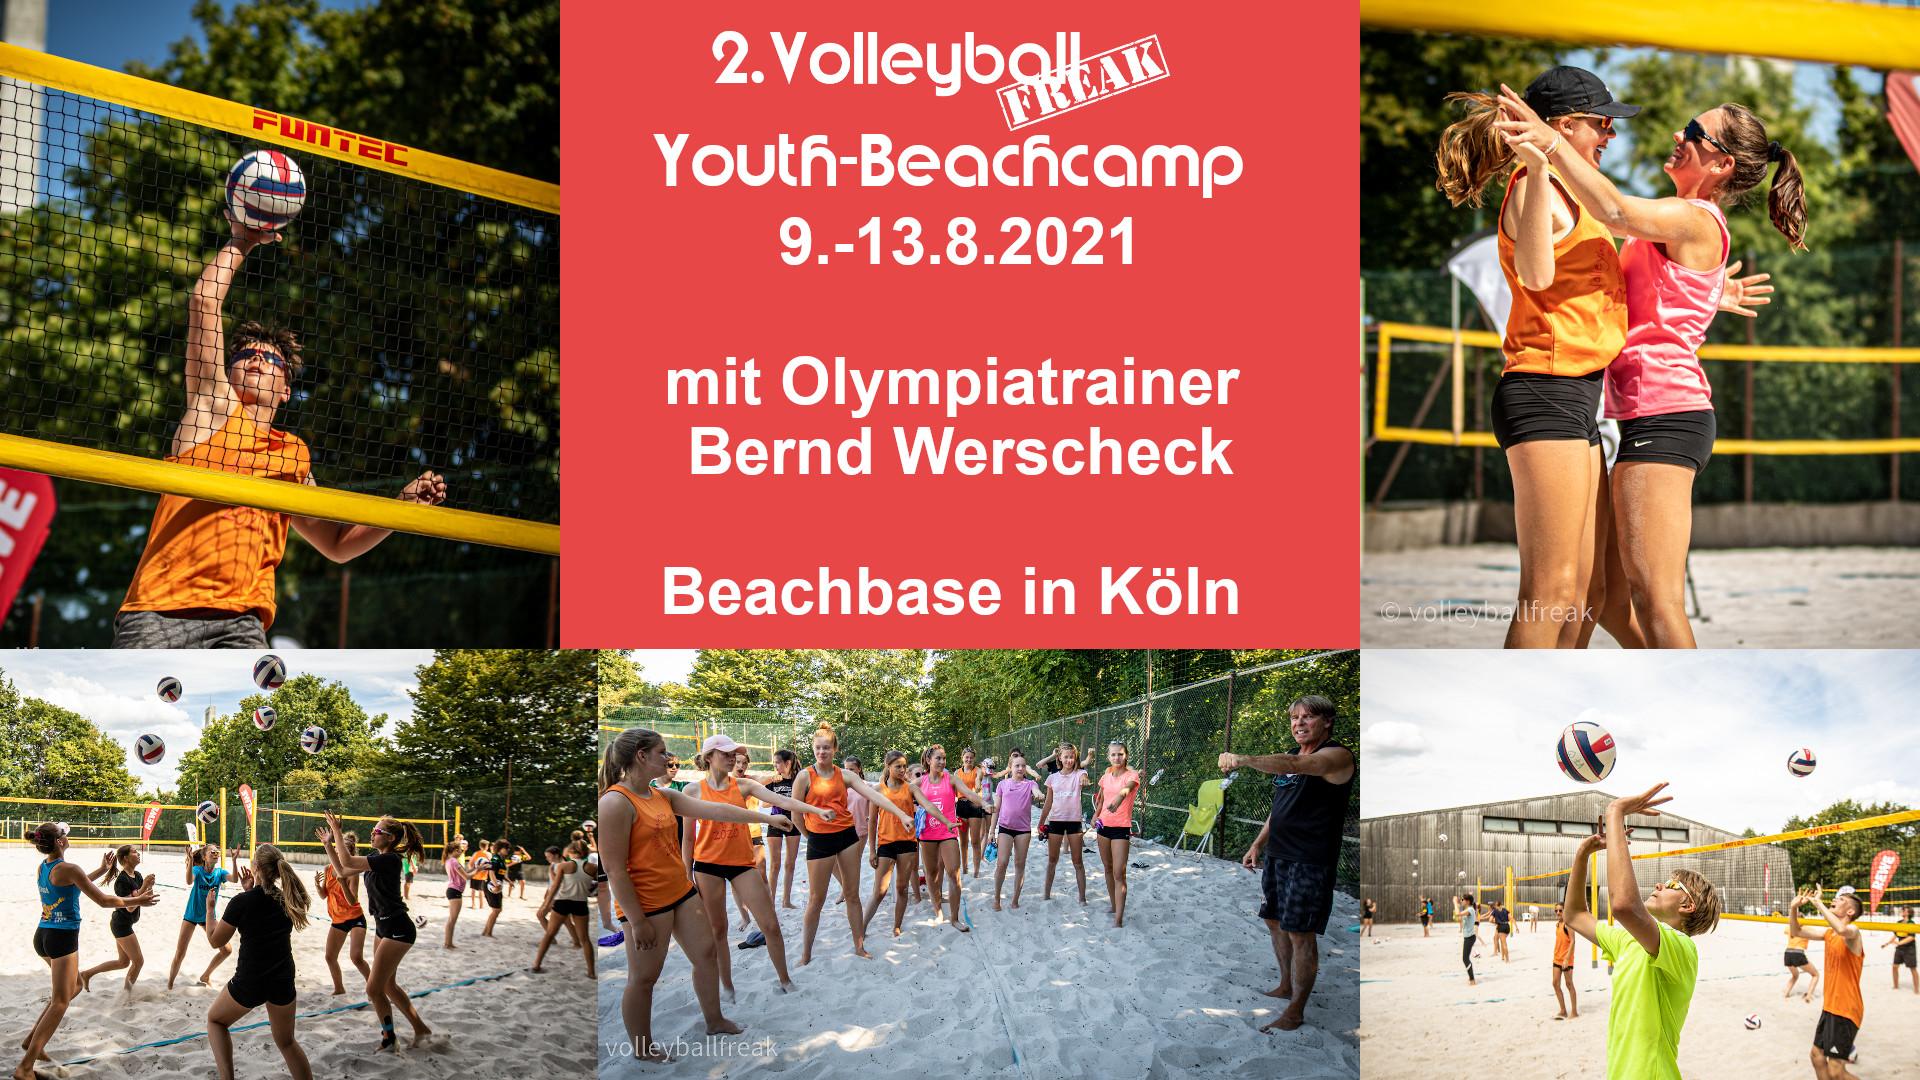 2. Volleyballfreak Youth-Beachcamp